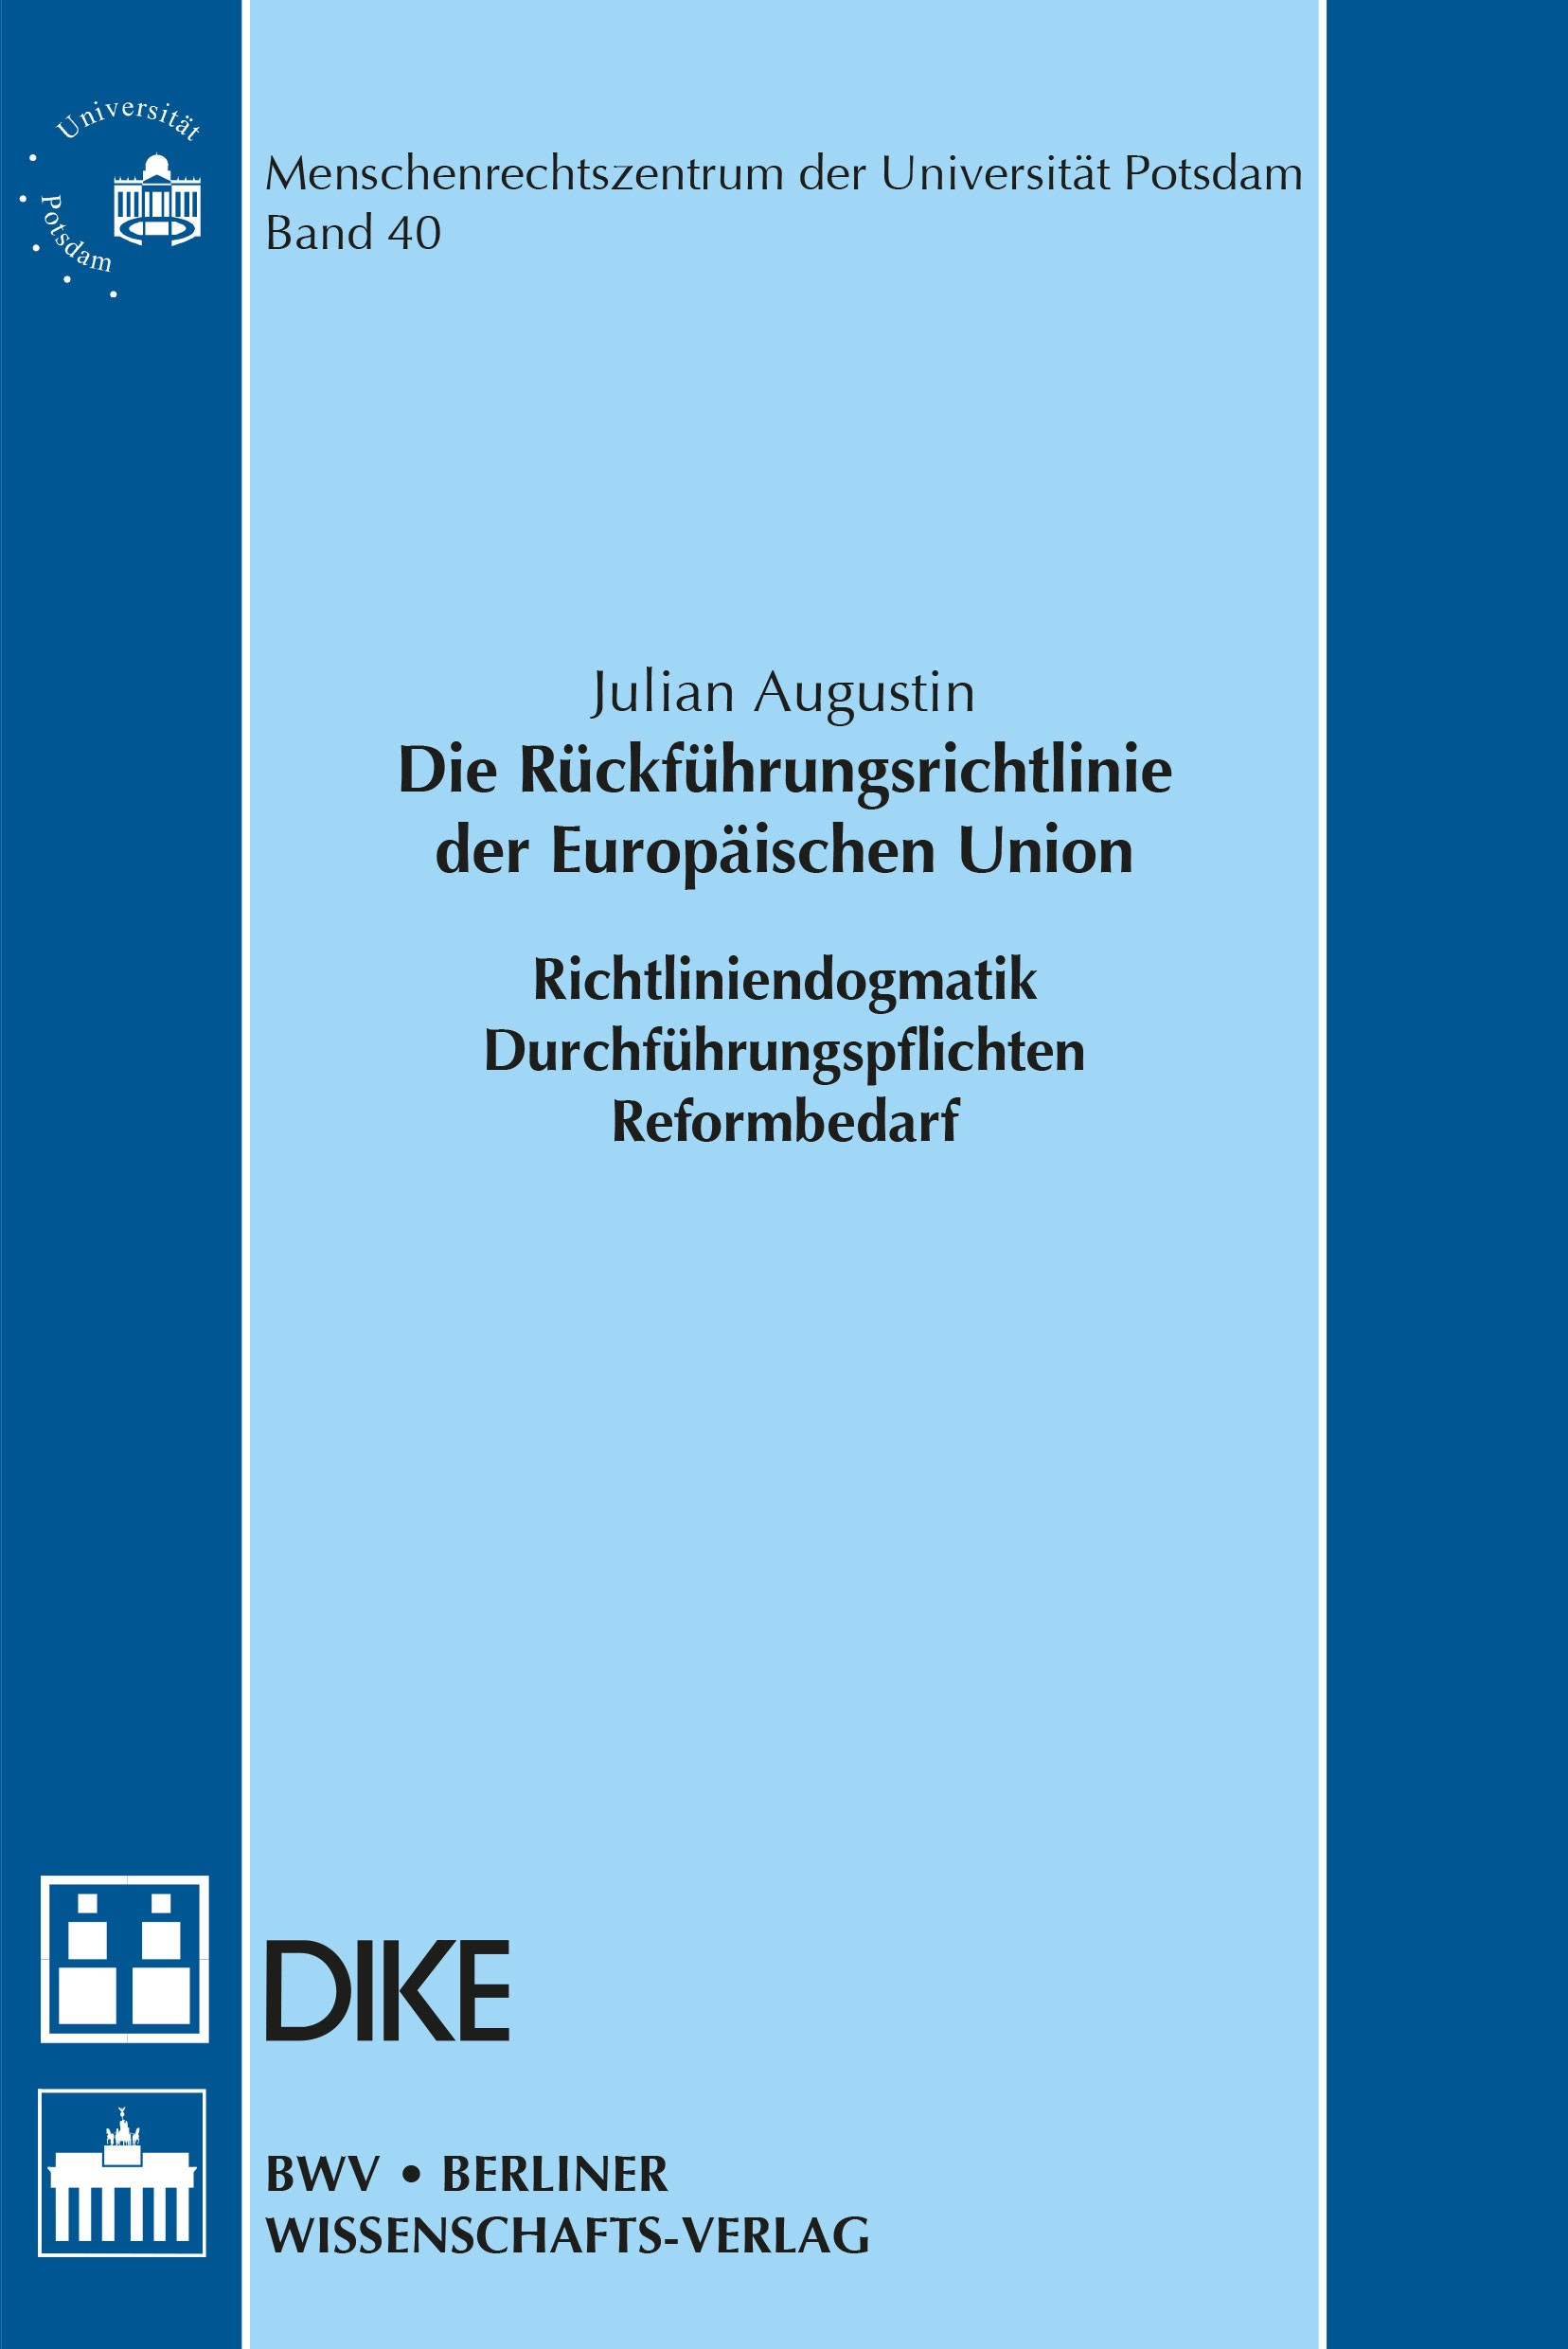 Die Rückführungsrichtlinie der Europäischen Union